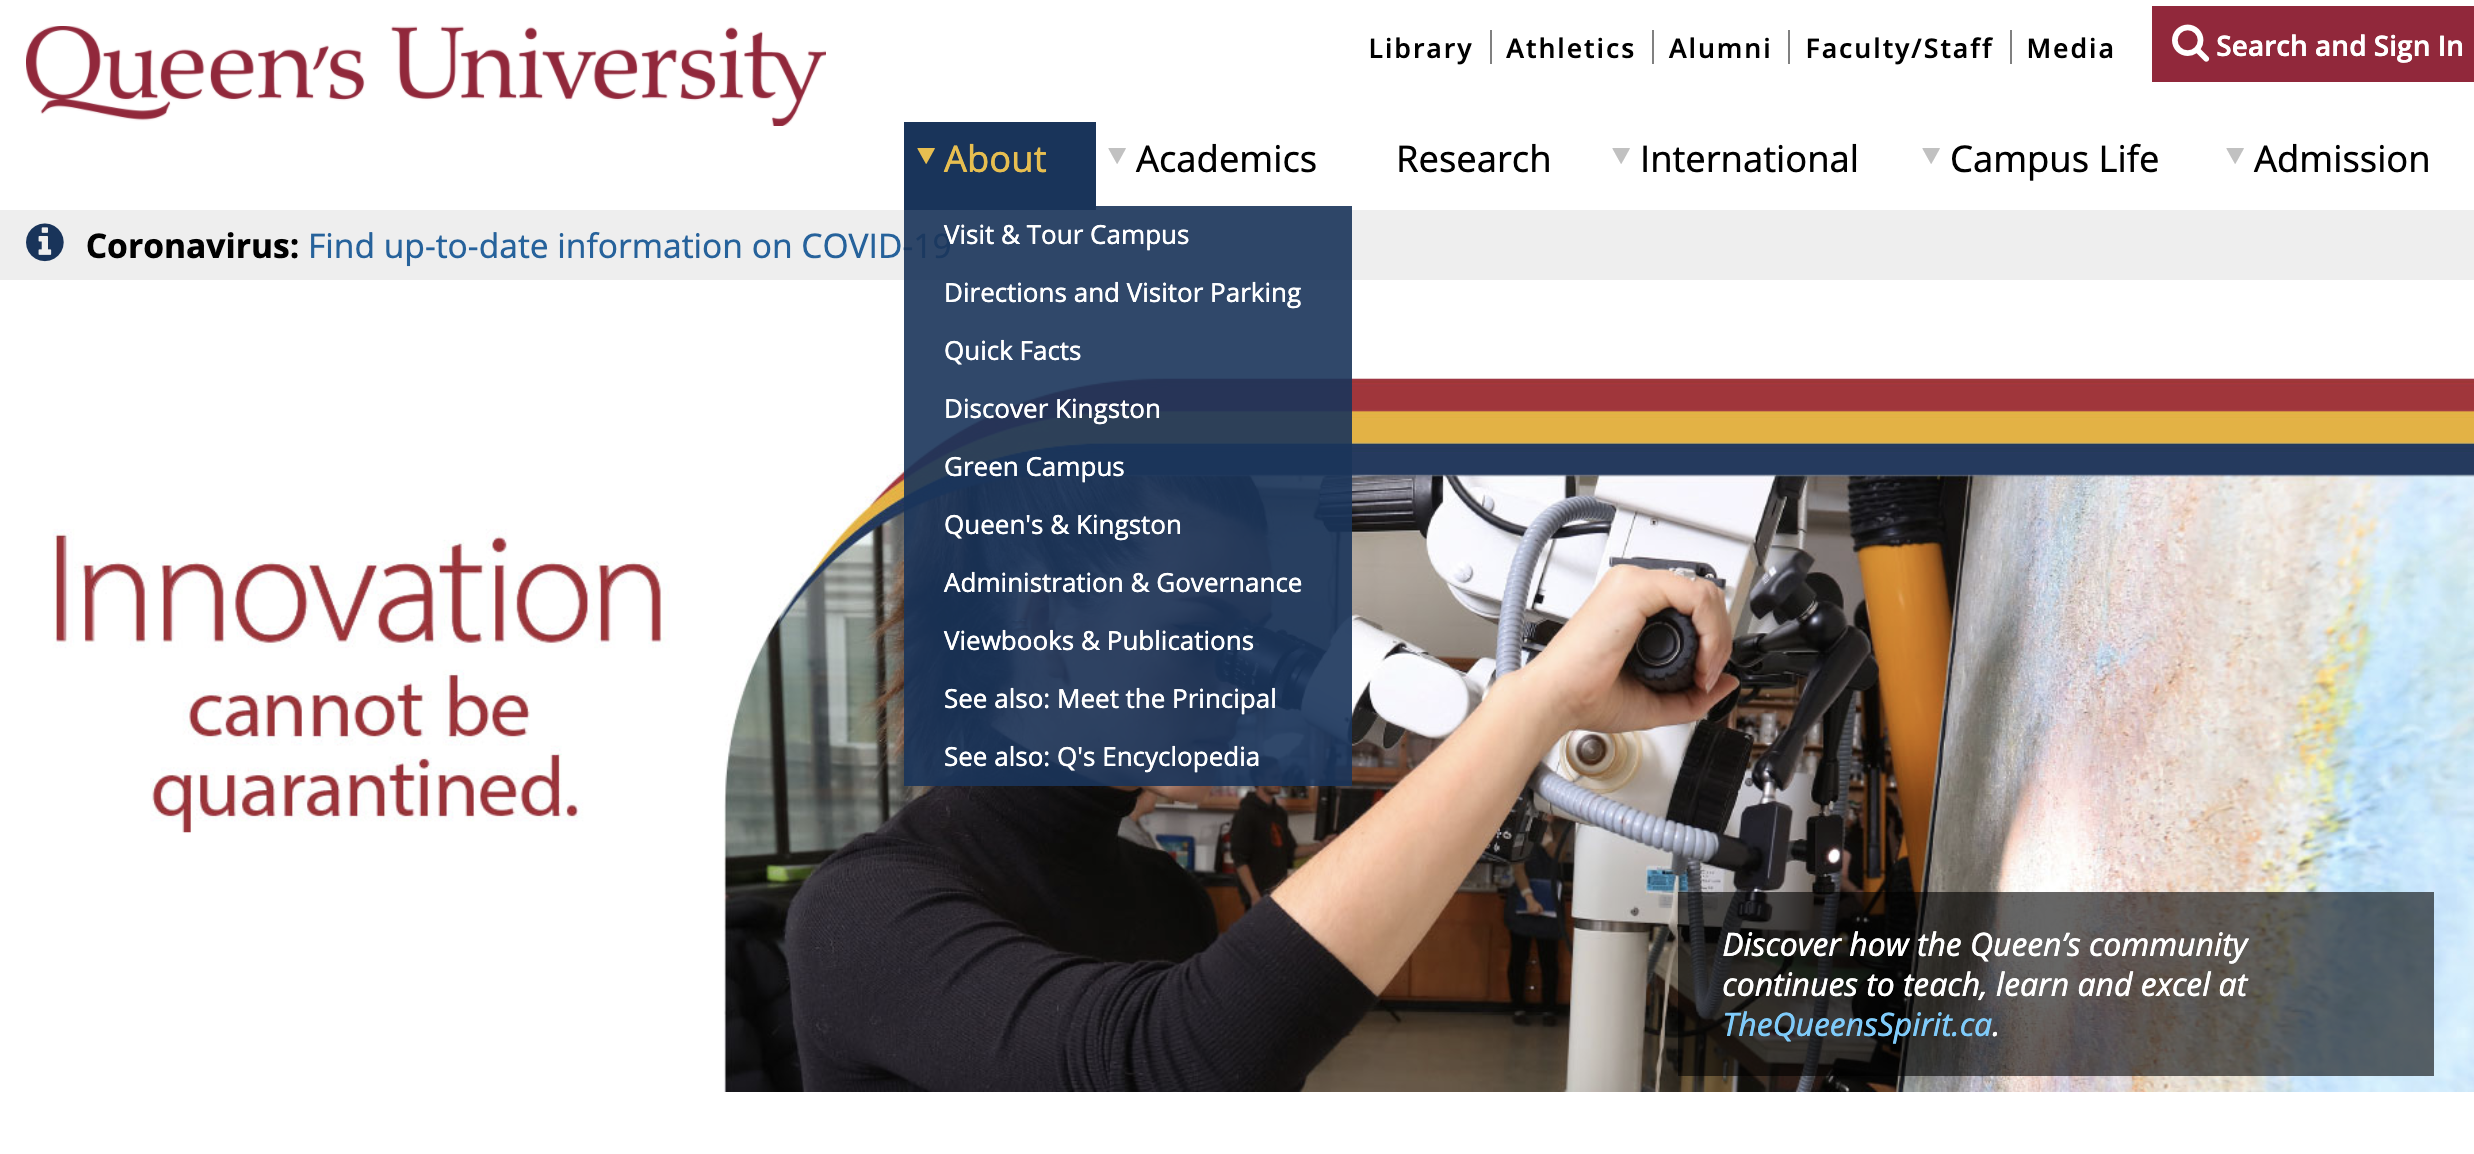 Queen's University Website header